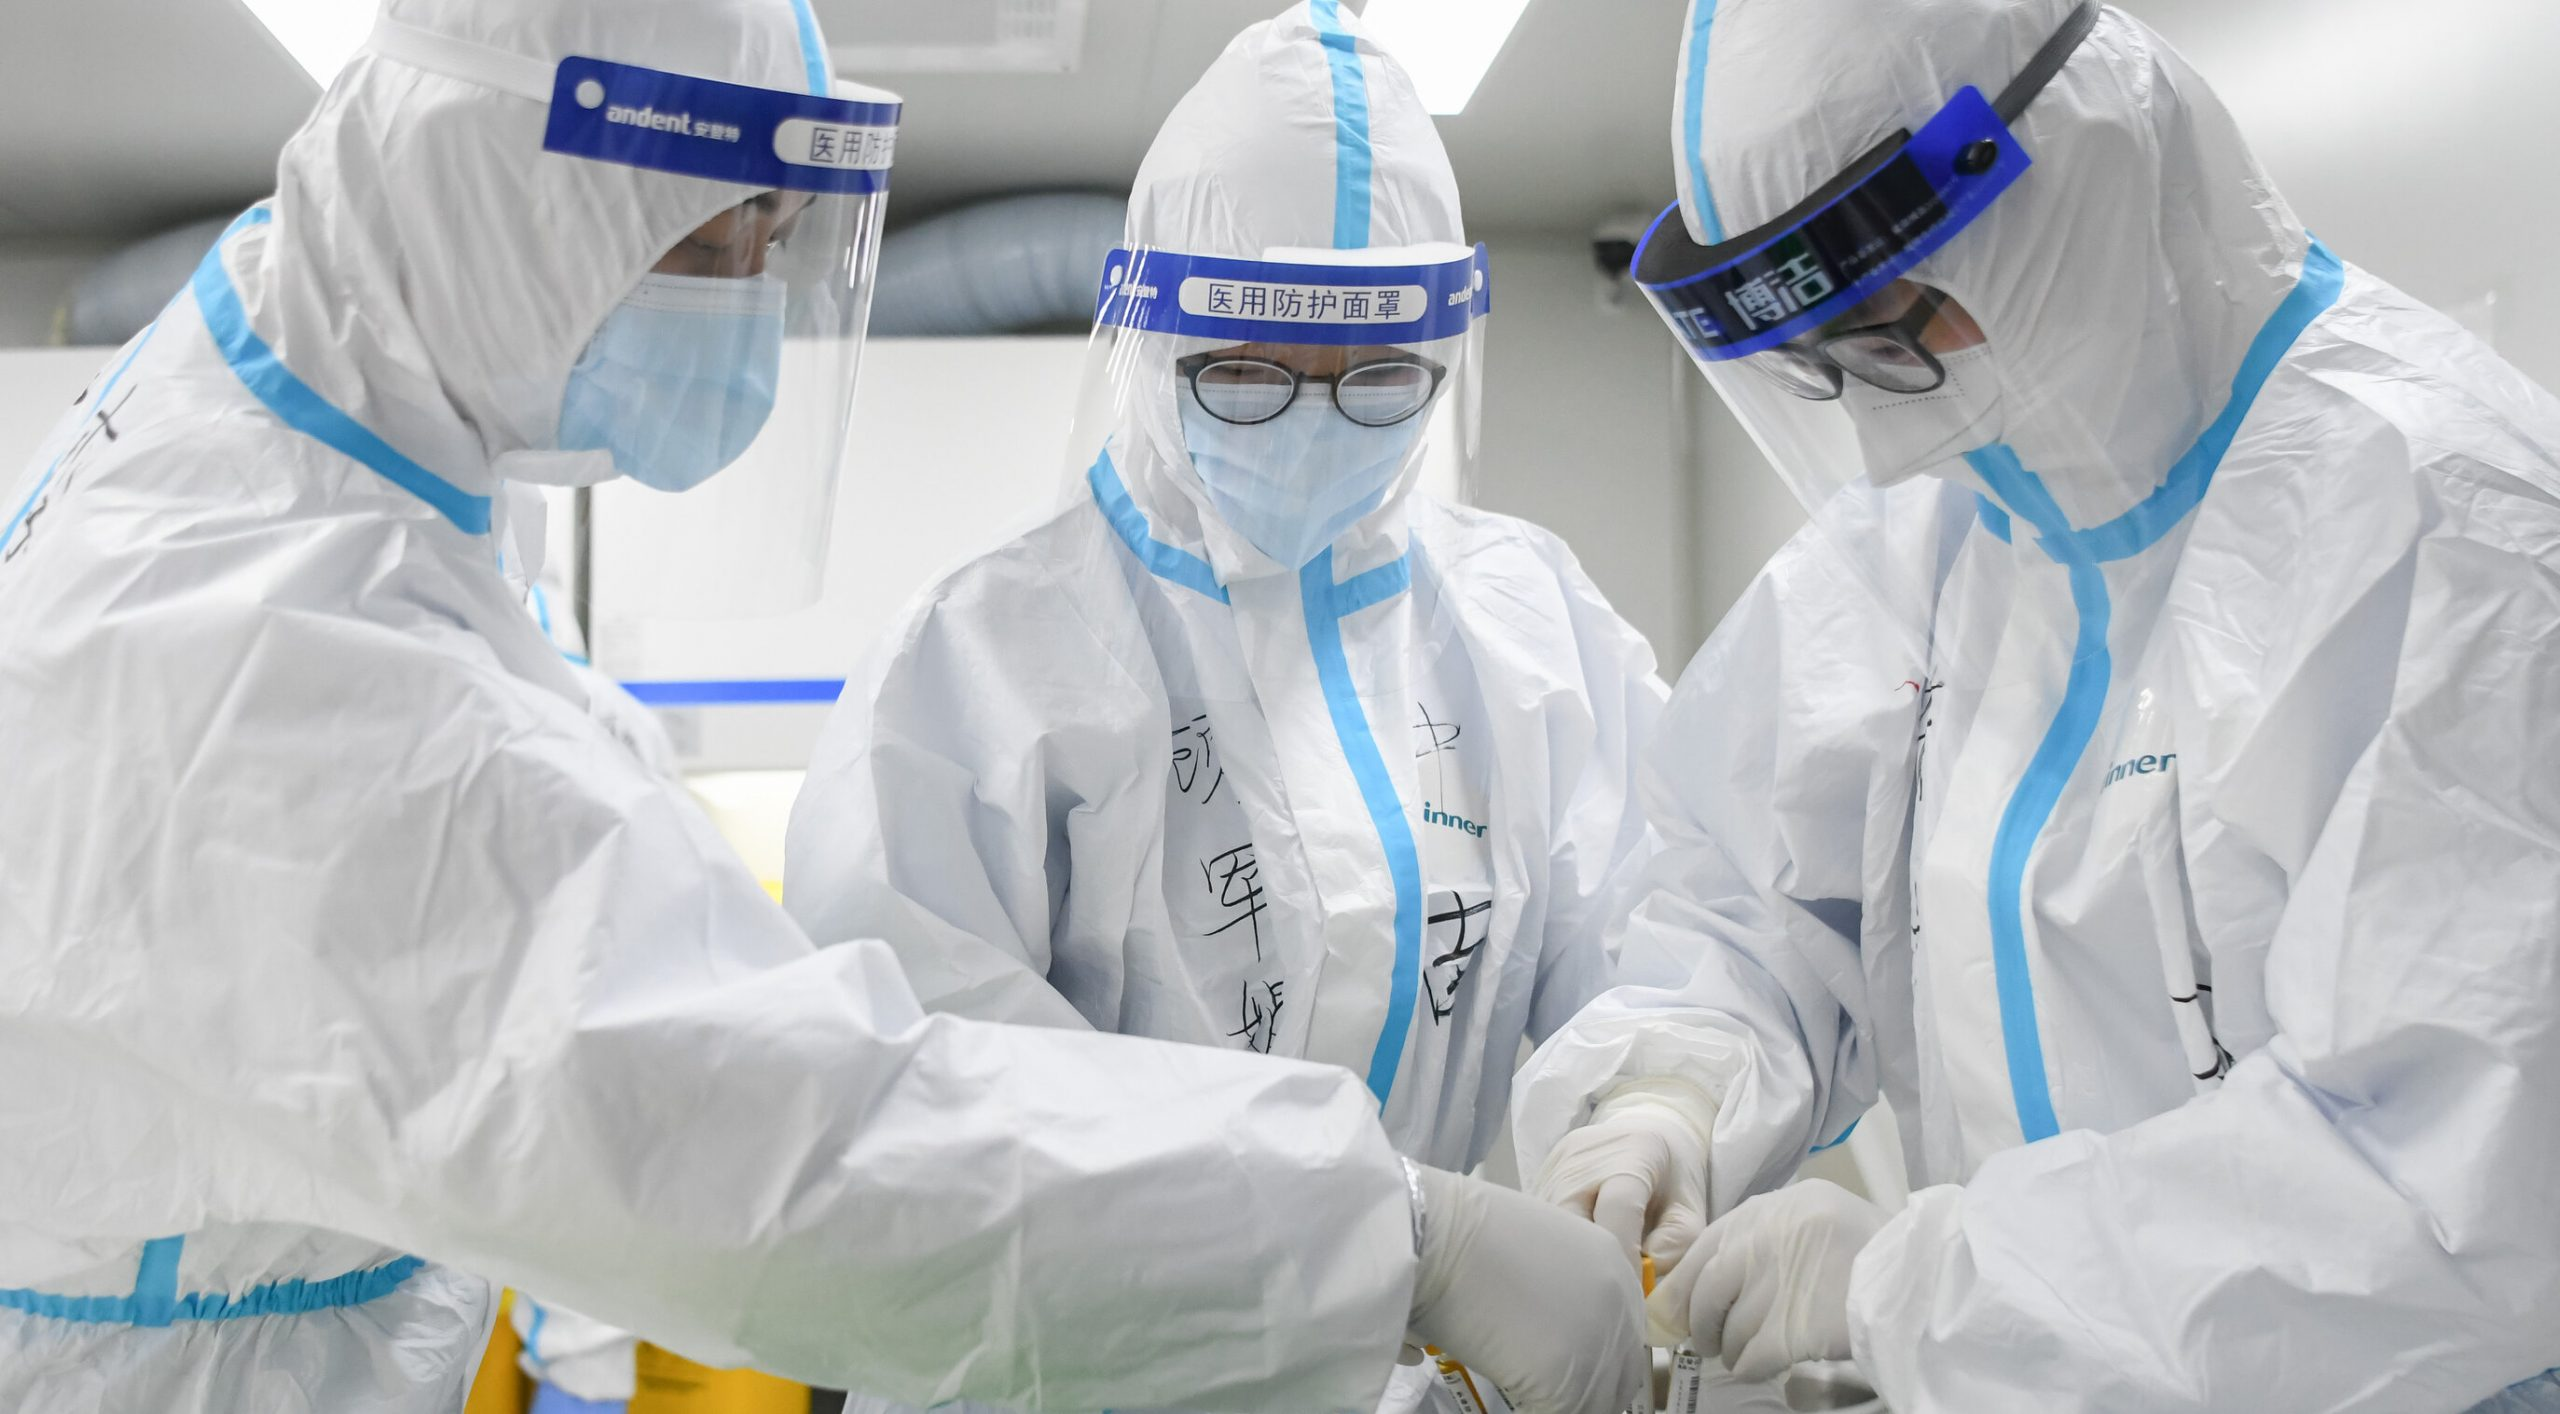 """Medicii din Wuhan recunosc că au fost obligați să ascundă amploarea epidemiei. """"Ni s-a ordonat să tăcem"""""""